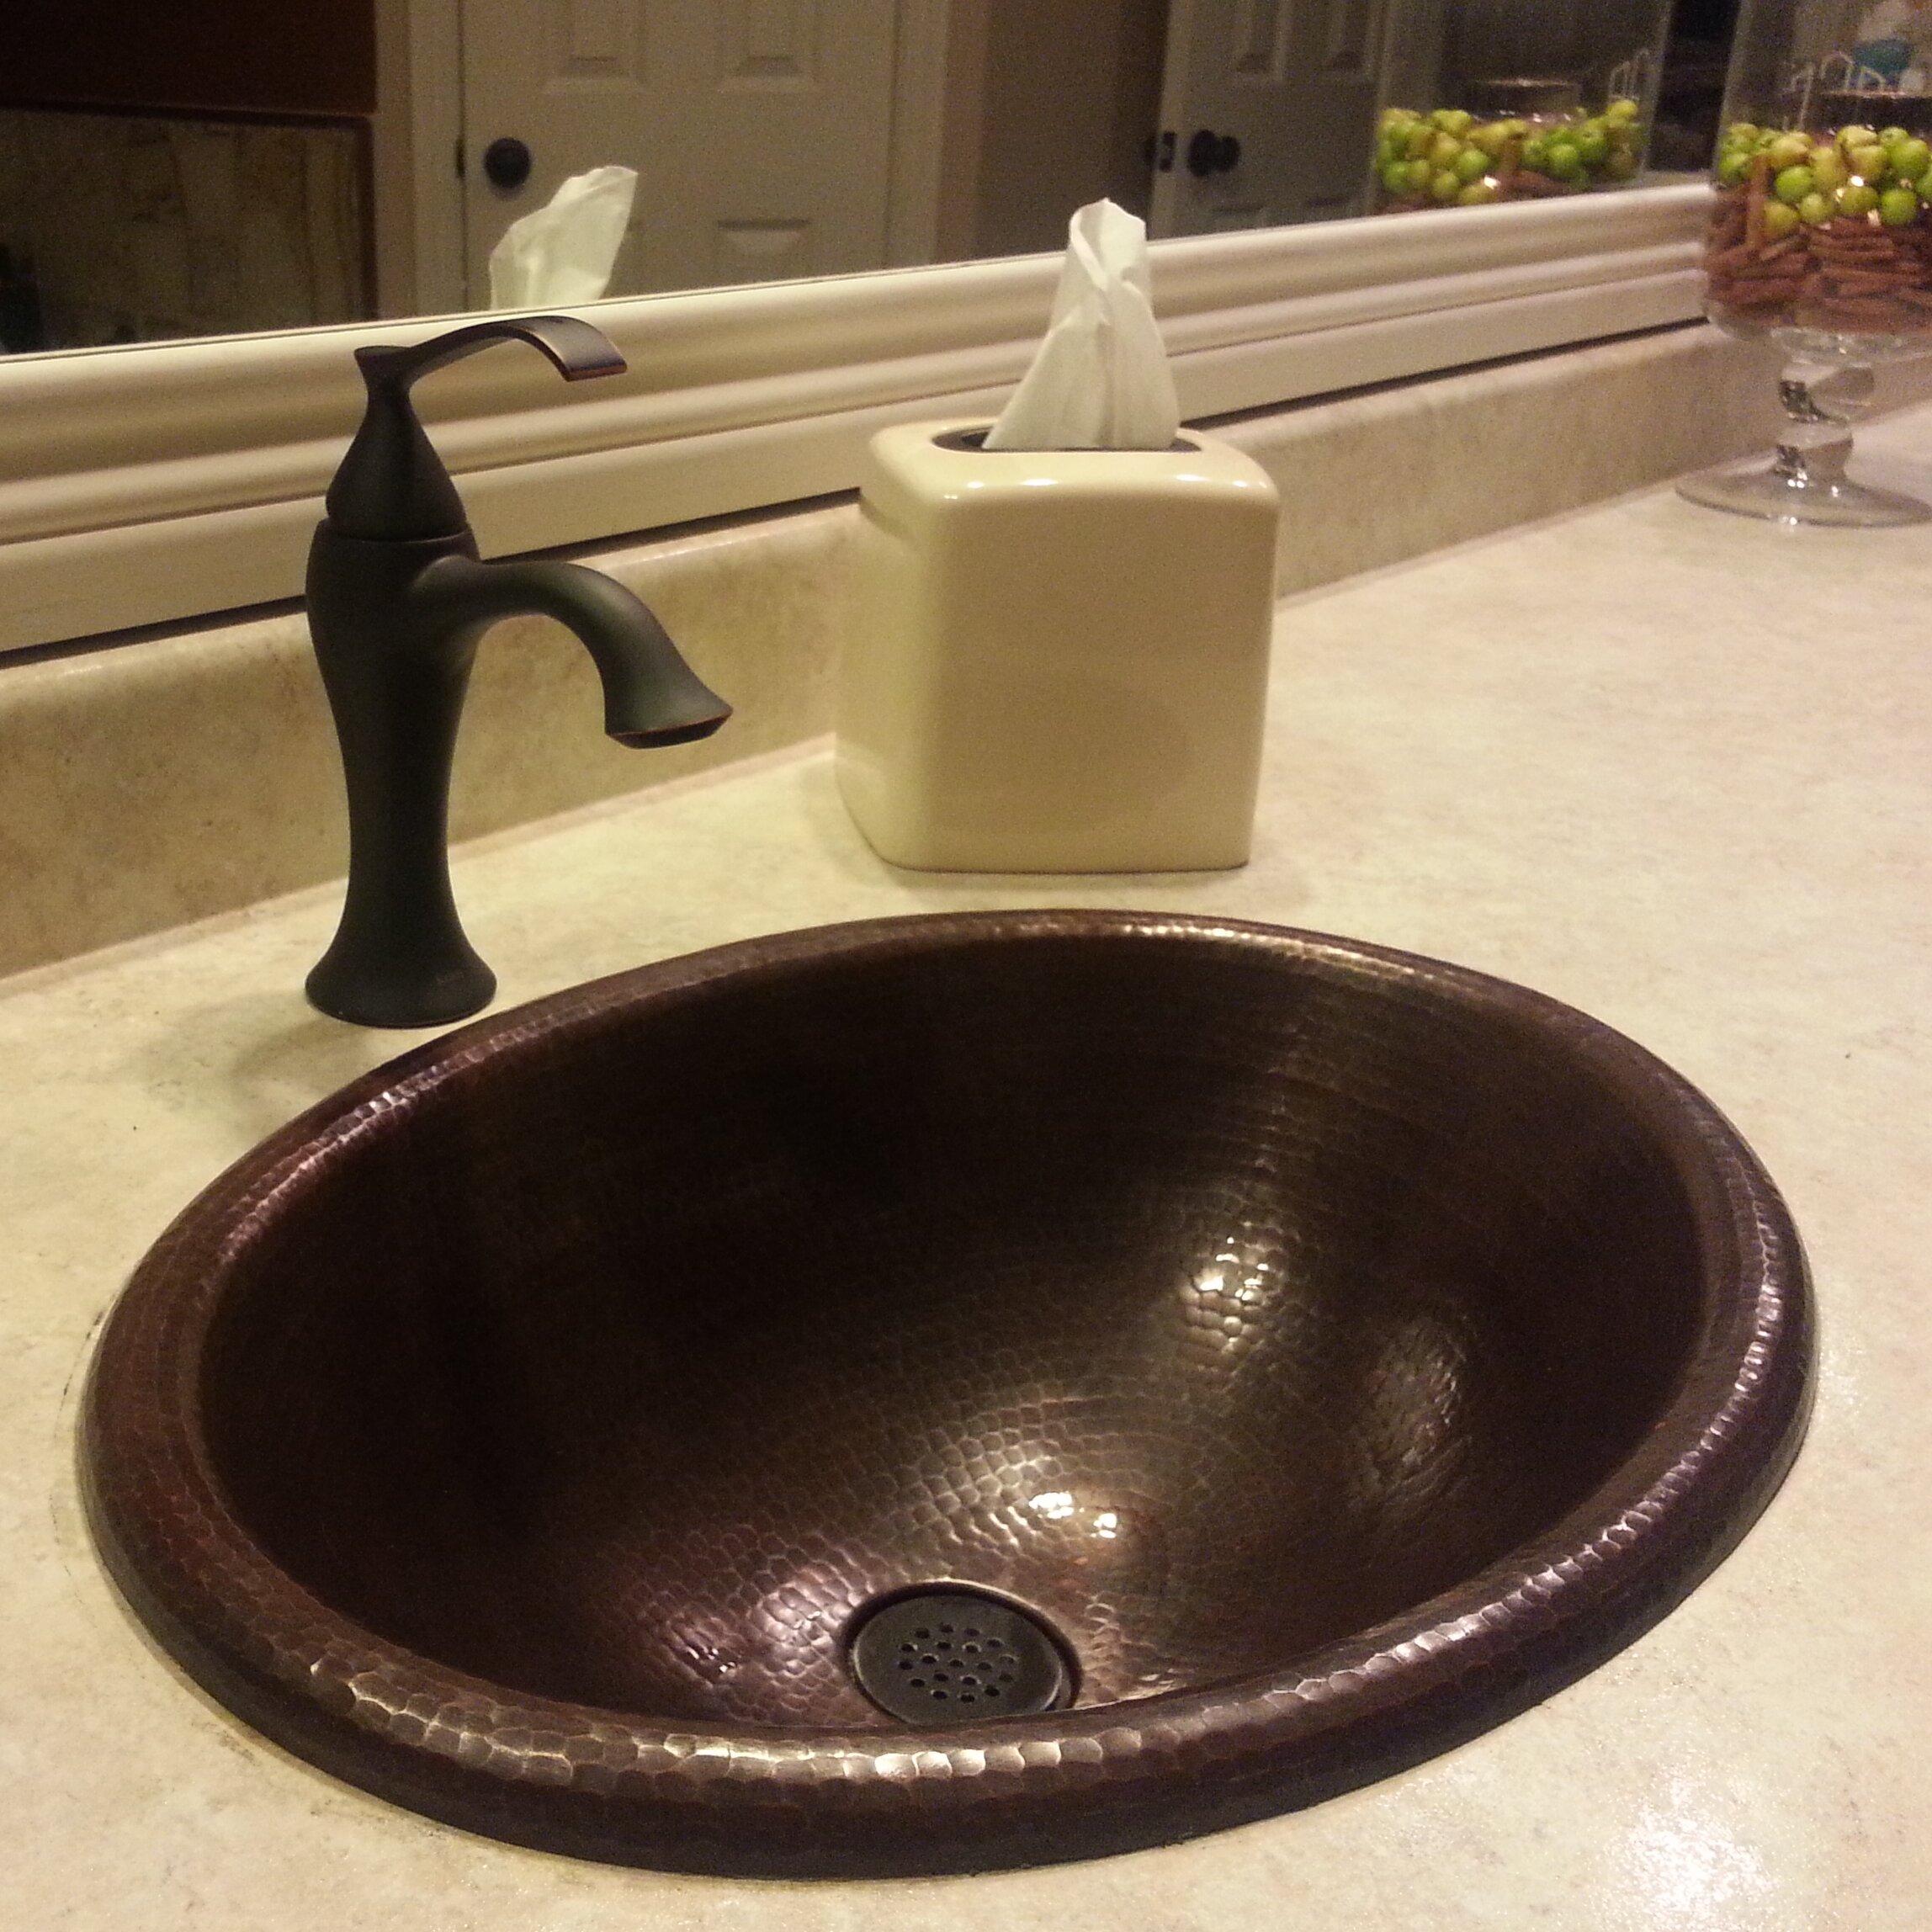 Novatto Cordoba Drop In Copper Bathroom Sink Reviews